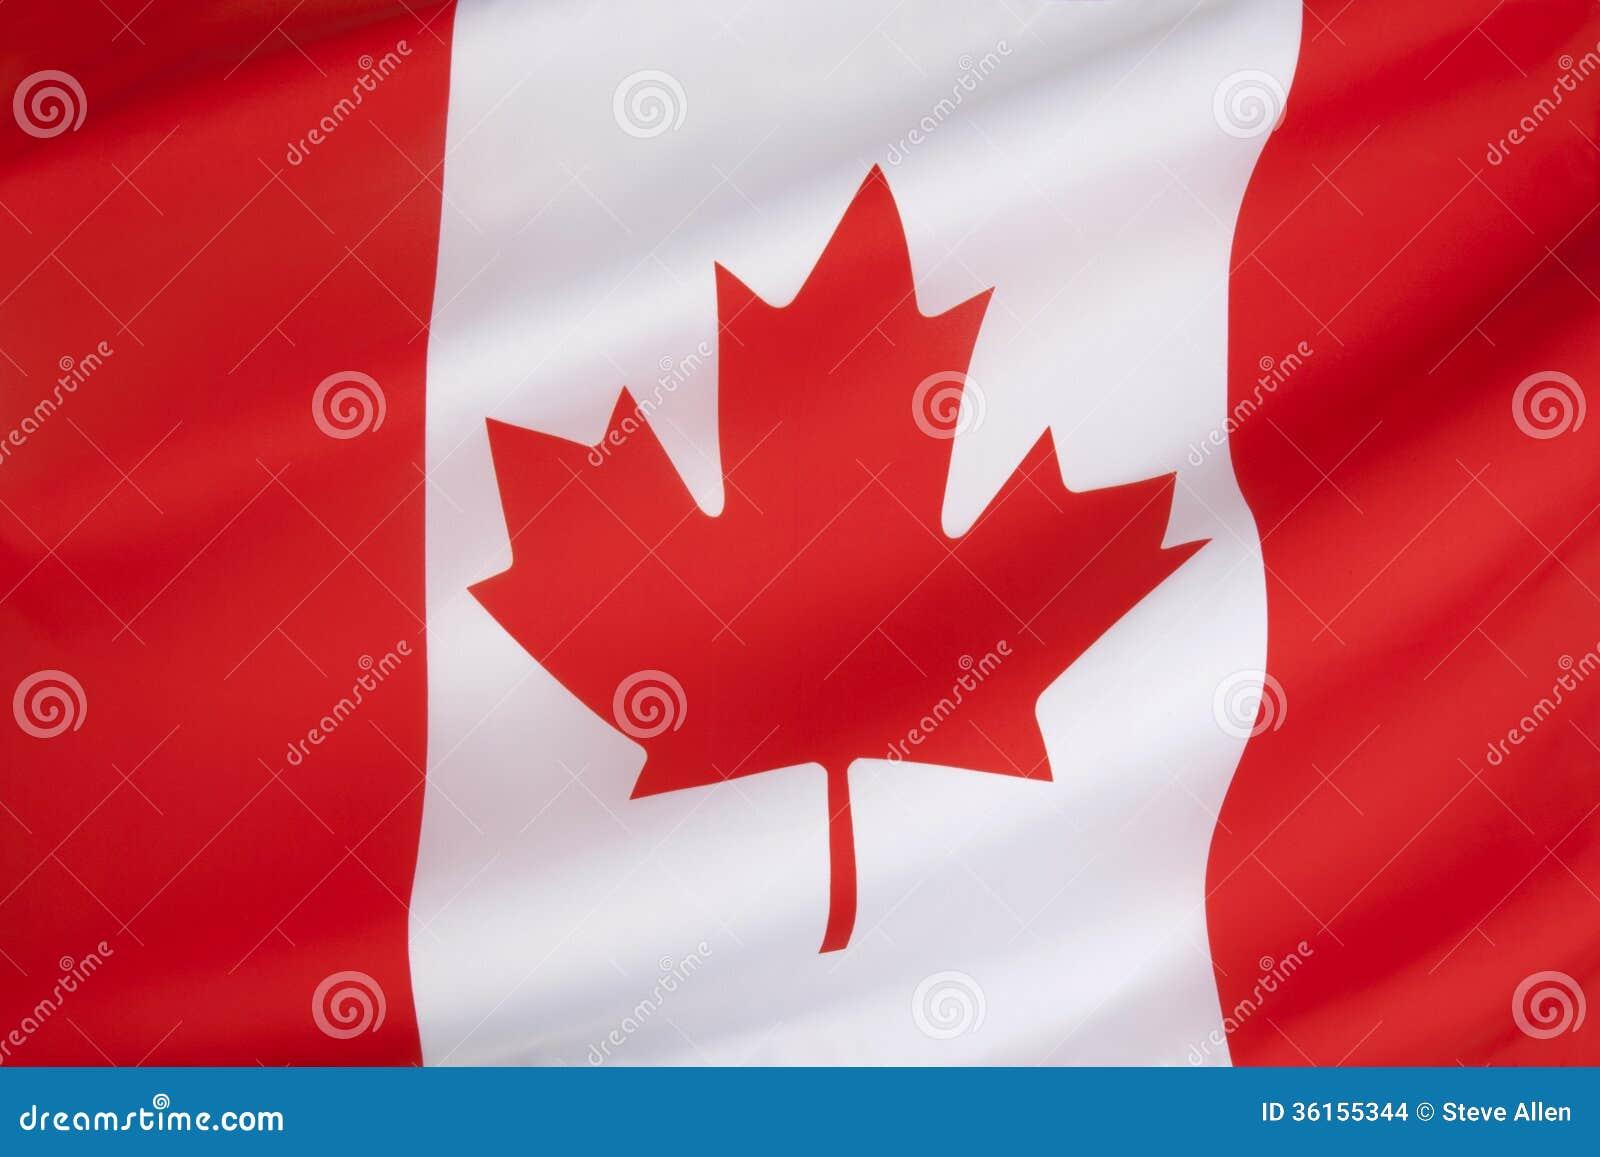 Bandera de Canadá foto de archivo. Imagen de arce, turismo - 36155344